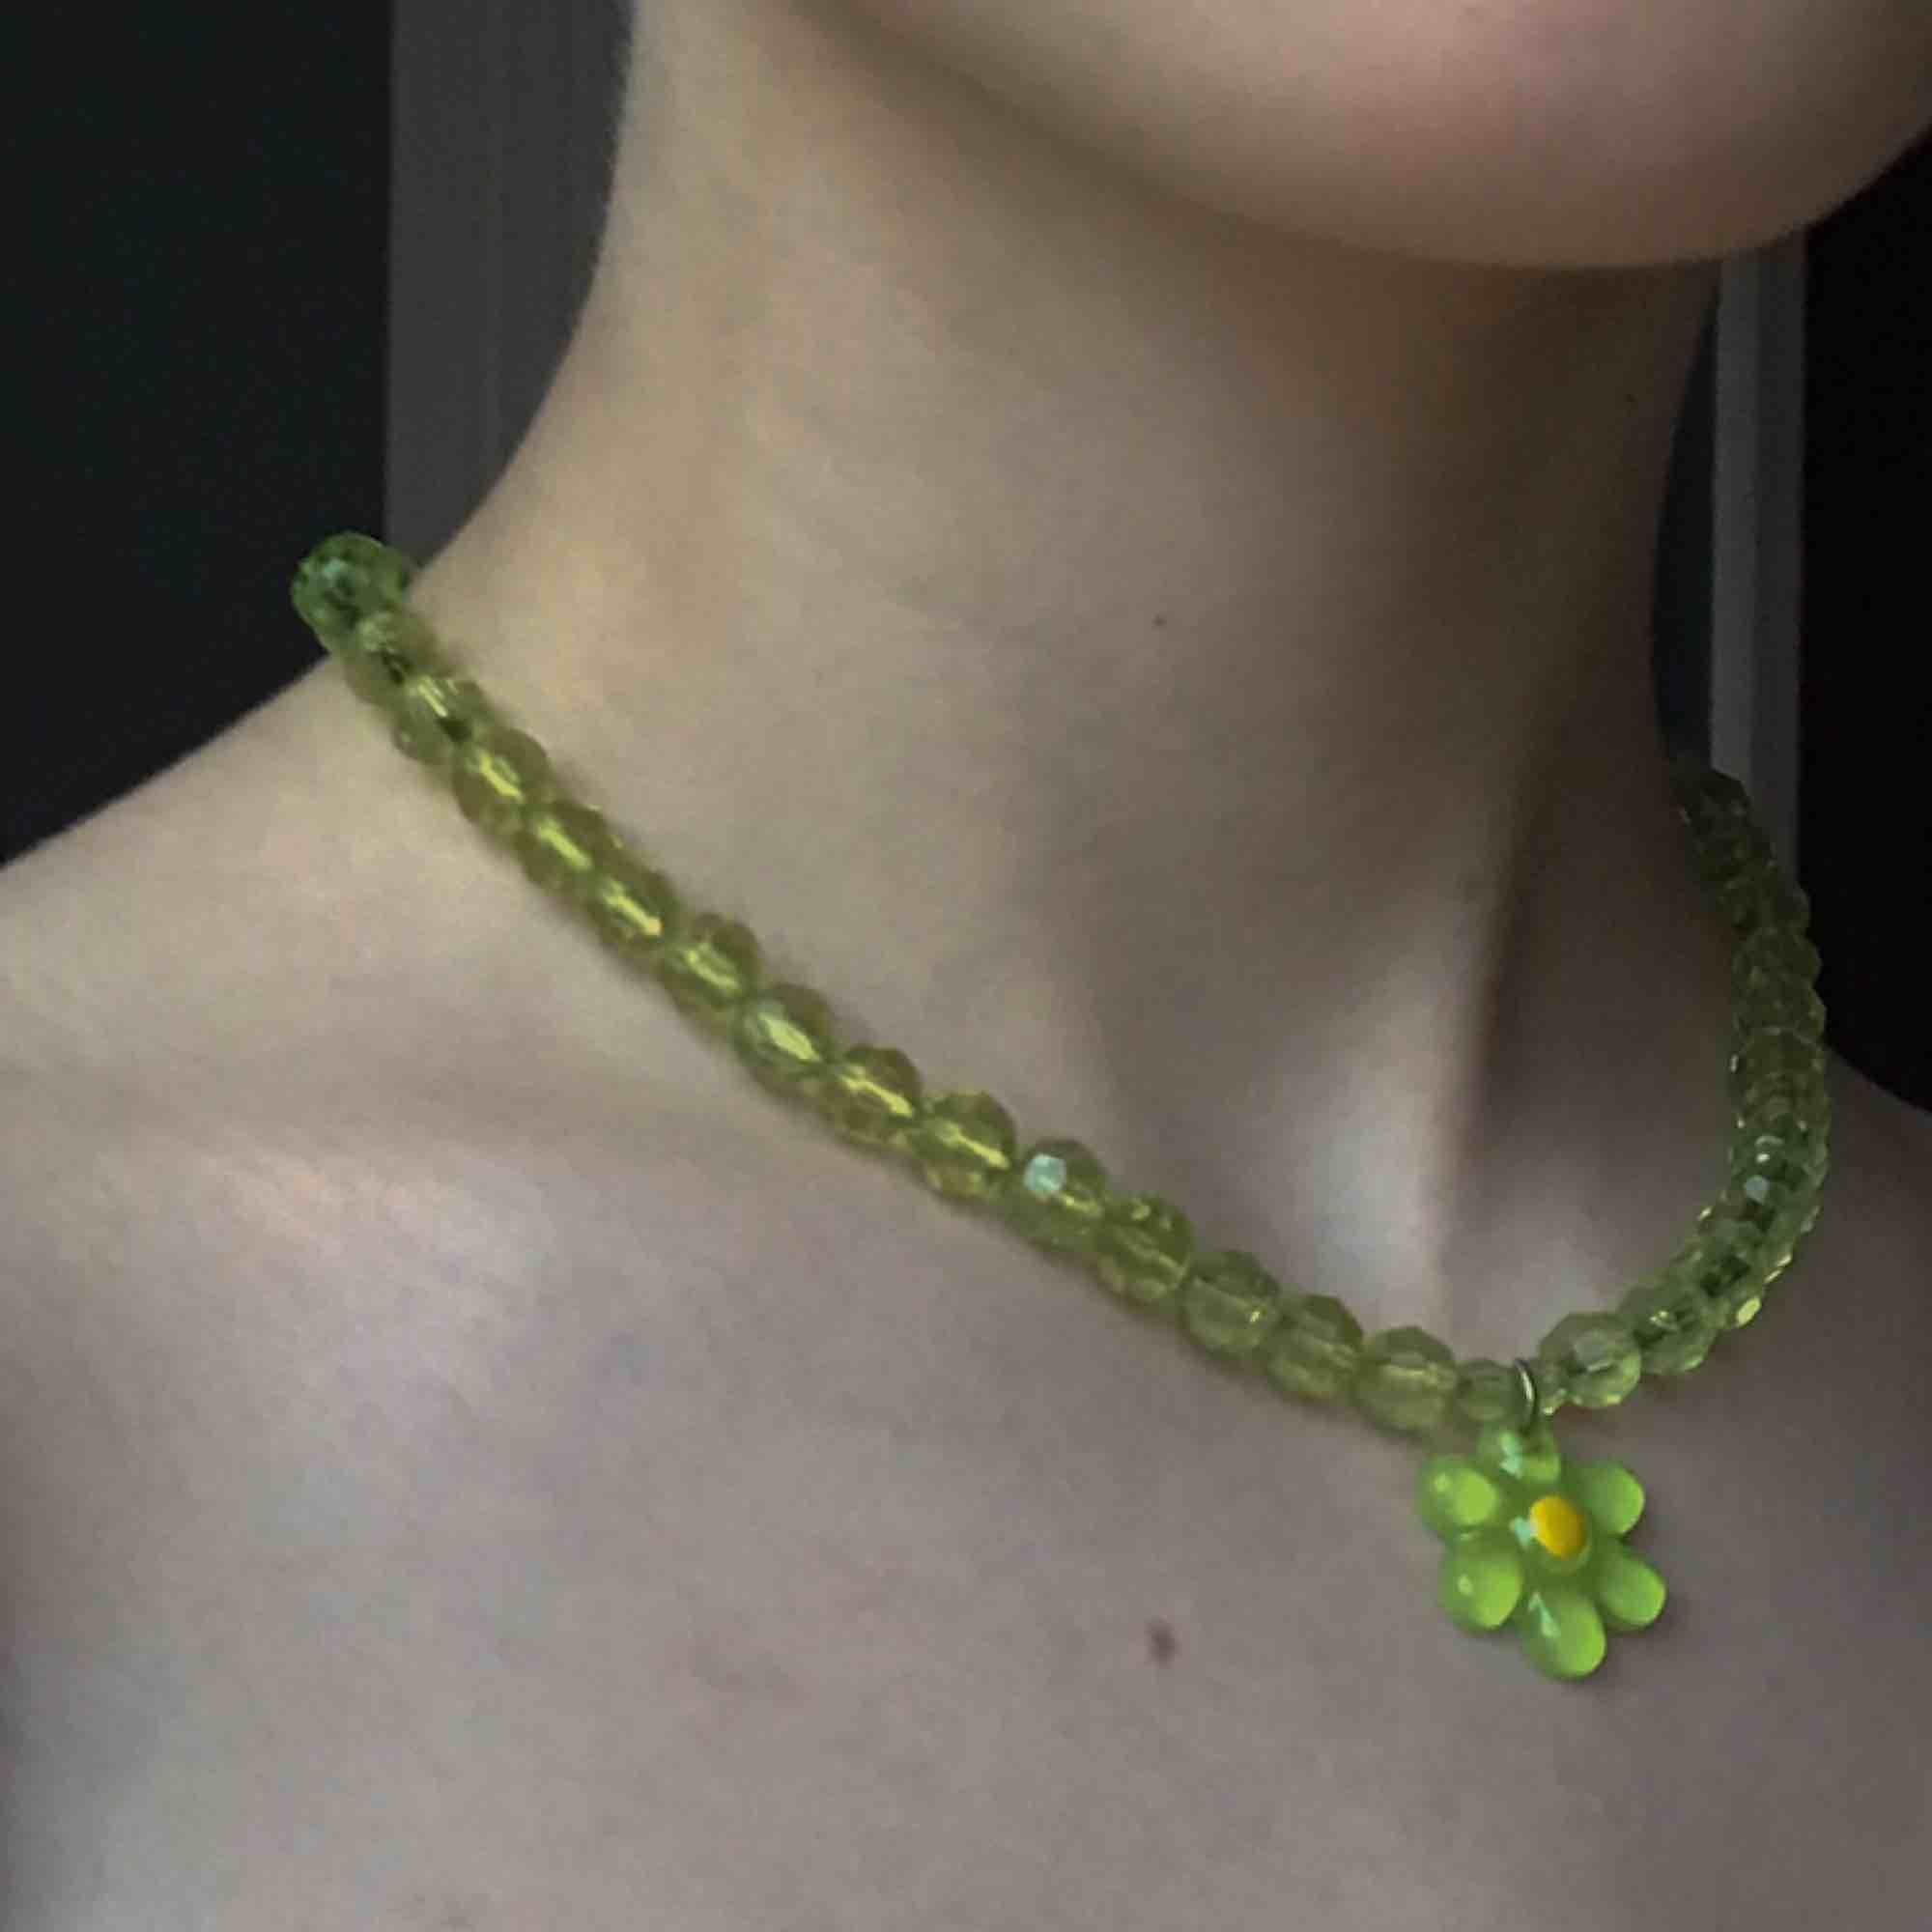 Så himla gulligt halsband! Känner tyvärr inte att den passar min stil längre men har verkligen älskat detta! Funderar på om det är handgjort för det är inget märke och det är gjort på ett elastiskt snöre. Köpte den i en vintage butik i våras, frakt 9 kr💕. Accessoarer.